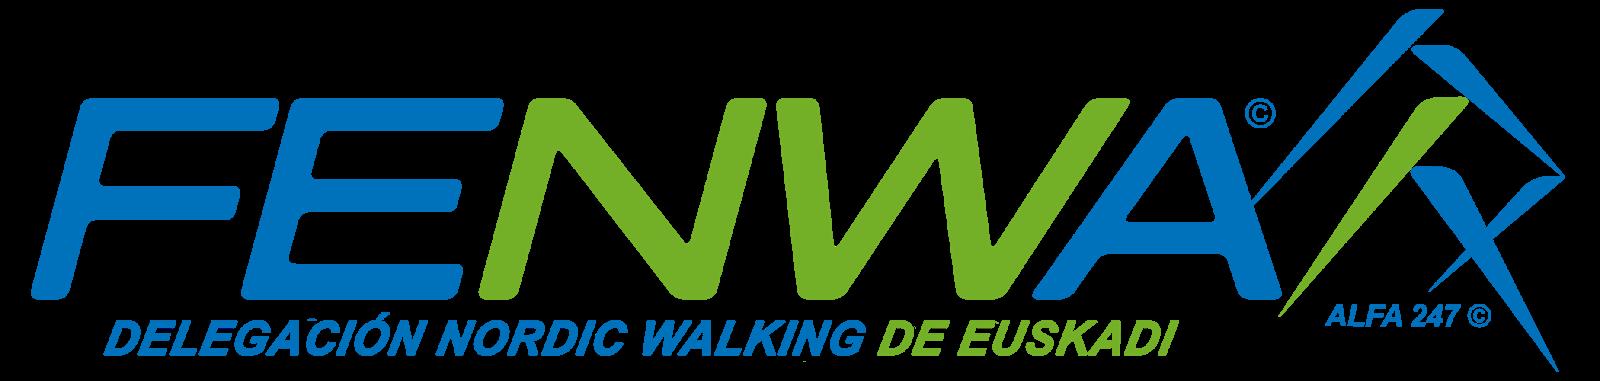 FEDERACION ESPAÑOLA de NORDIC WALKING